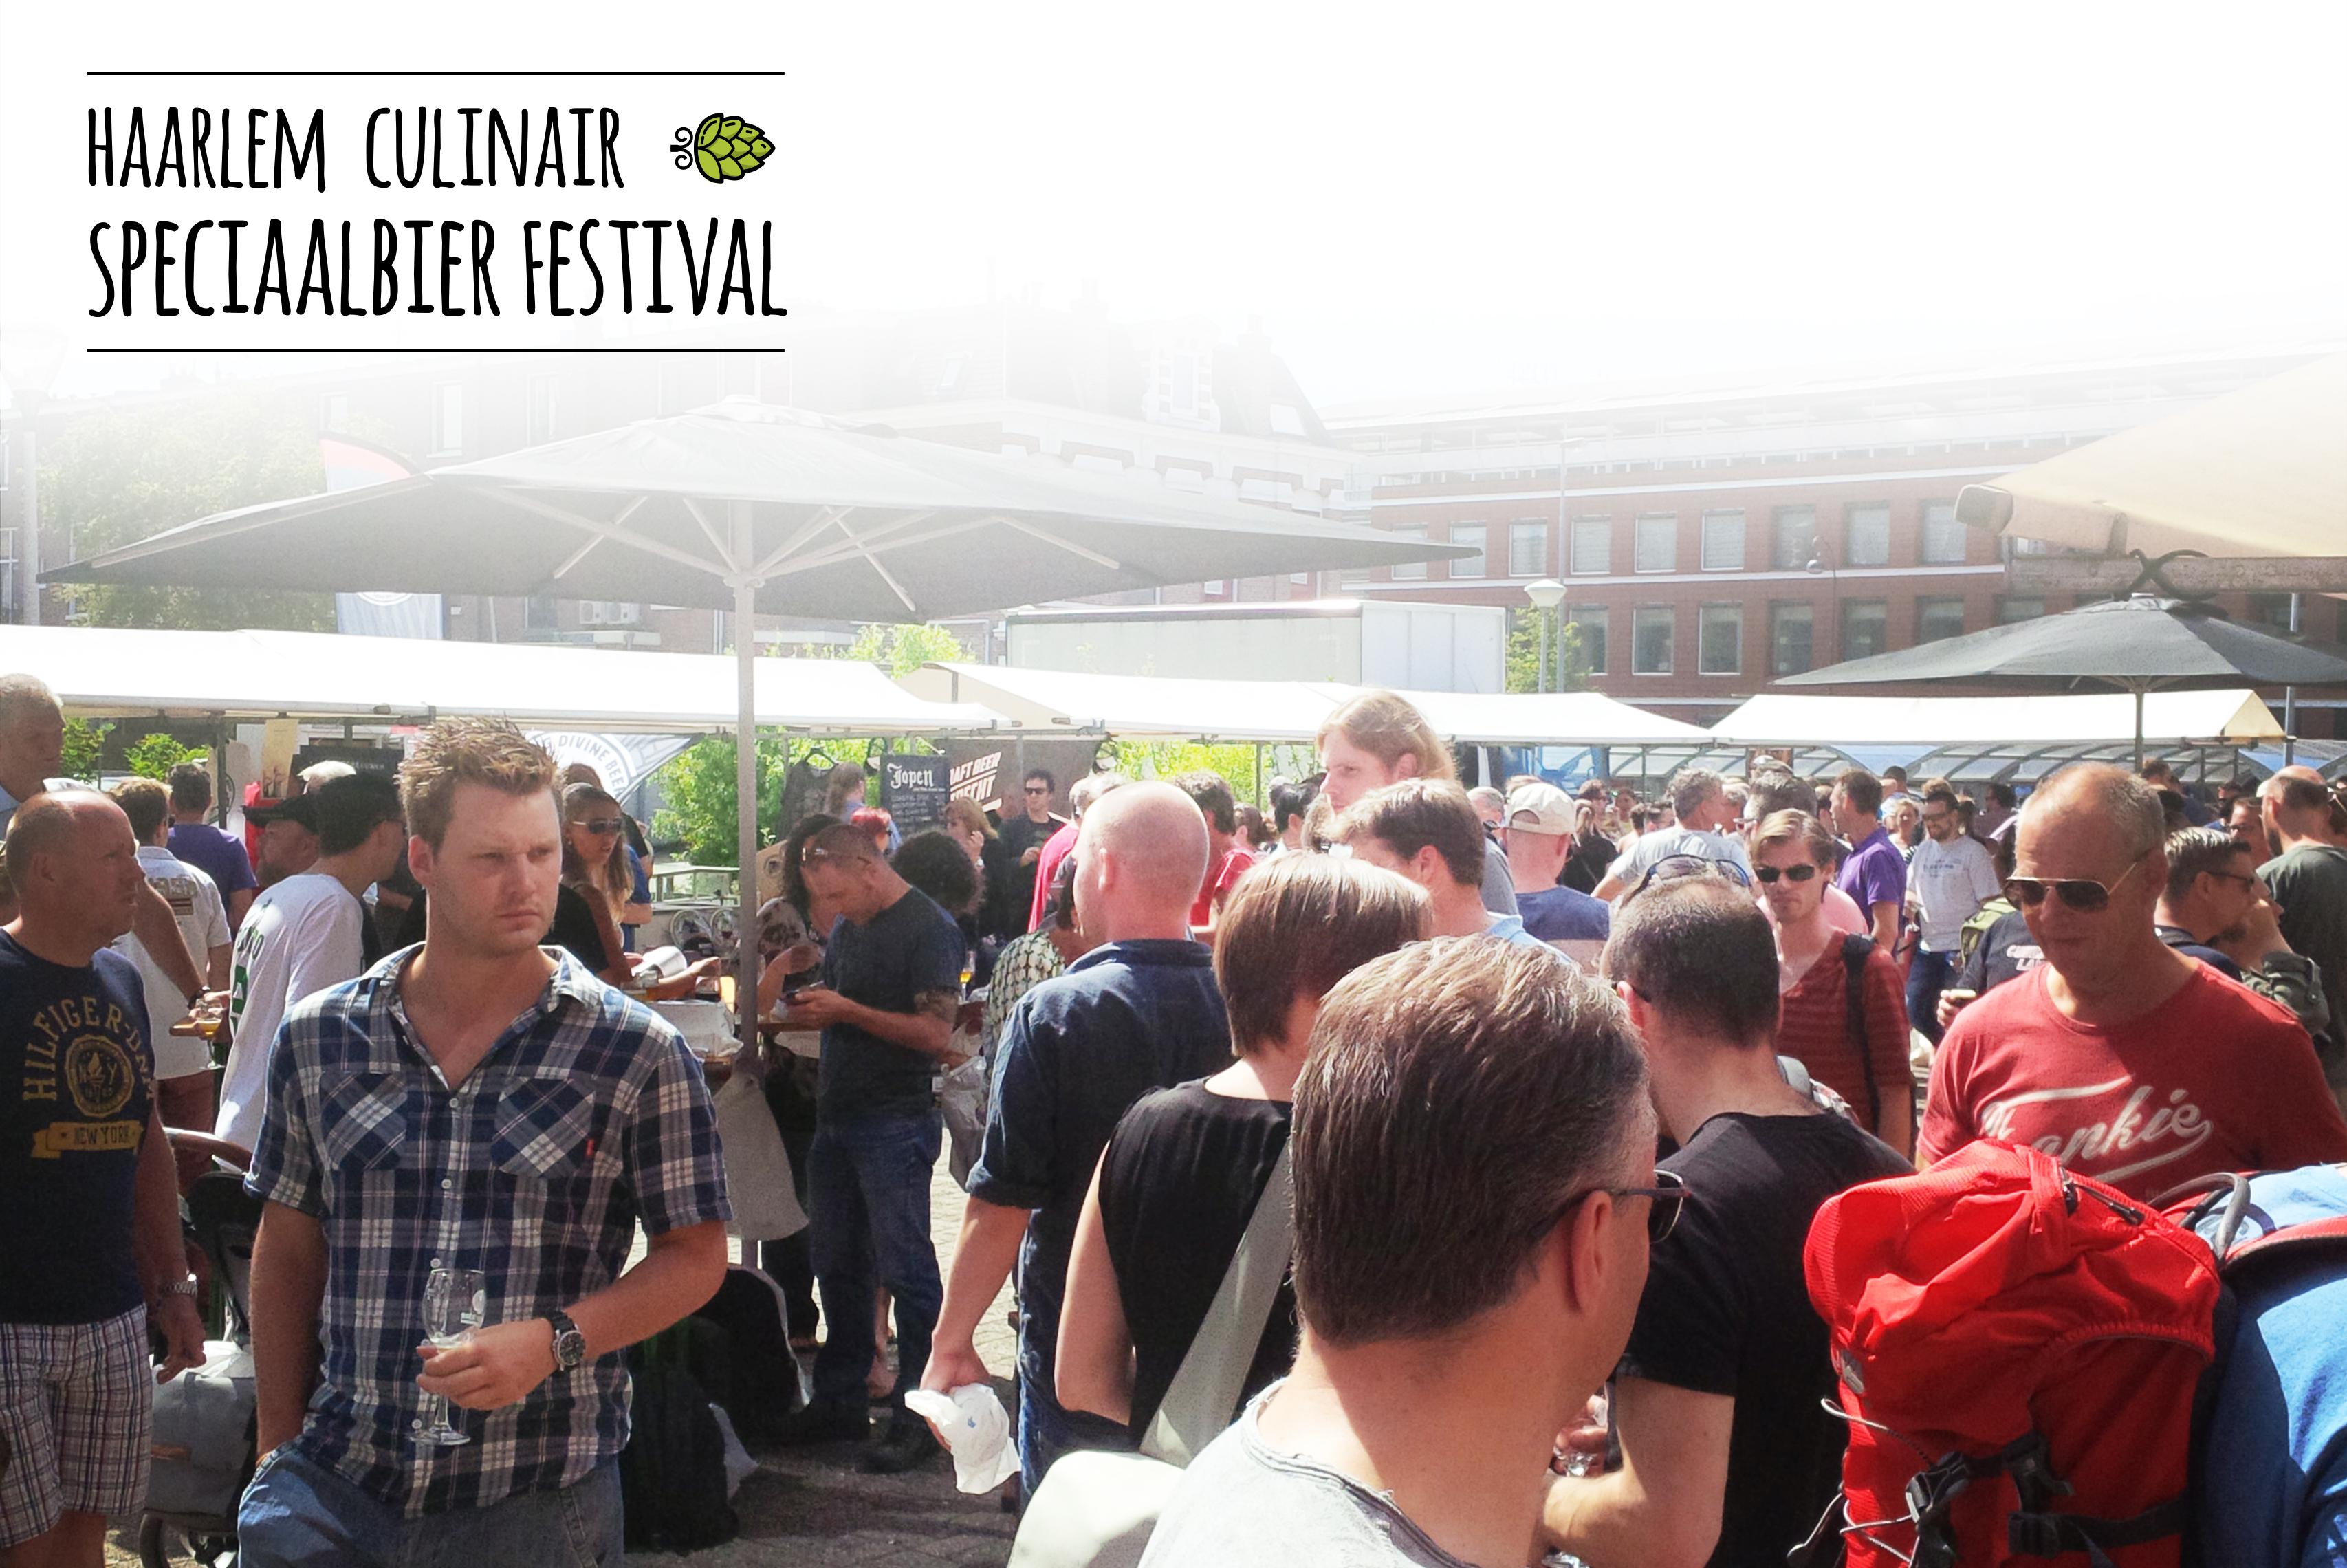 Haarlem Culinair Speciaalbier Festival 20181